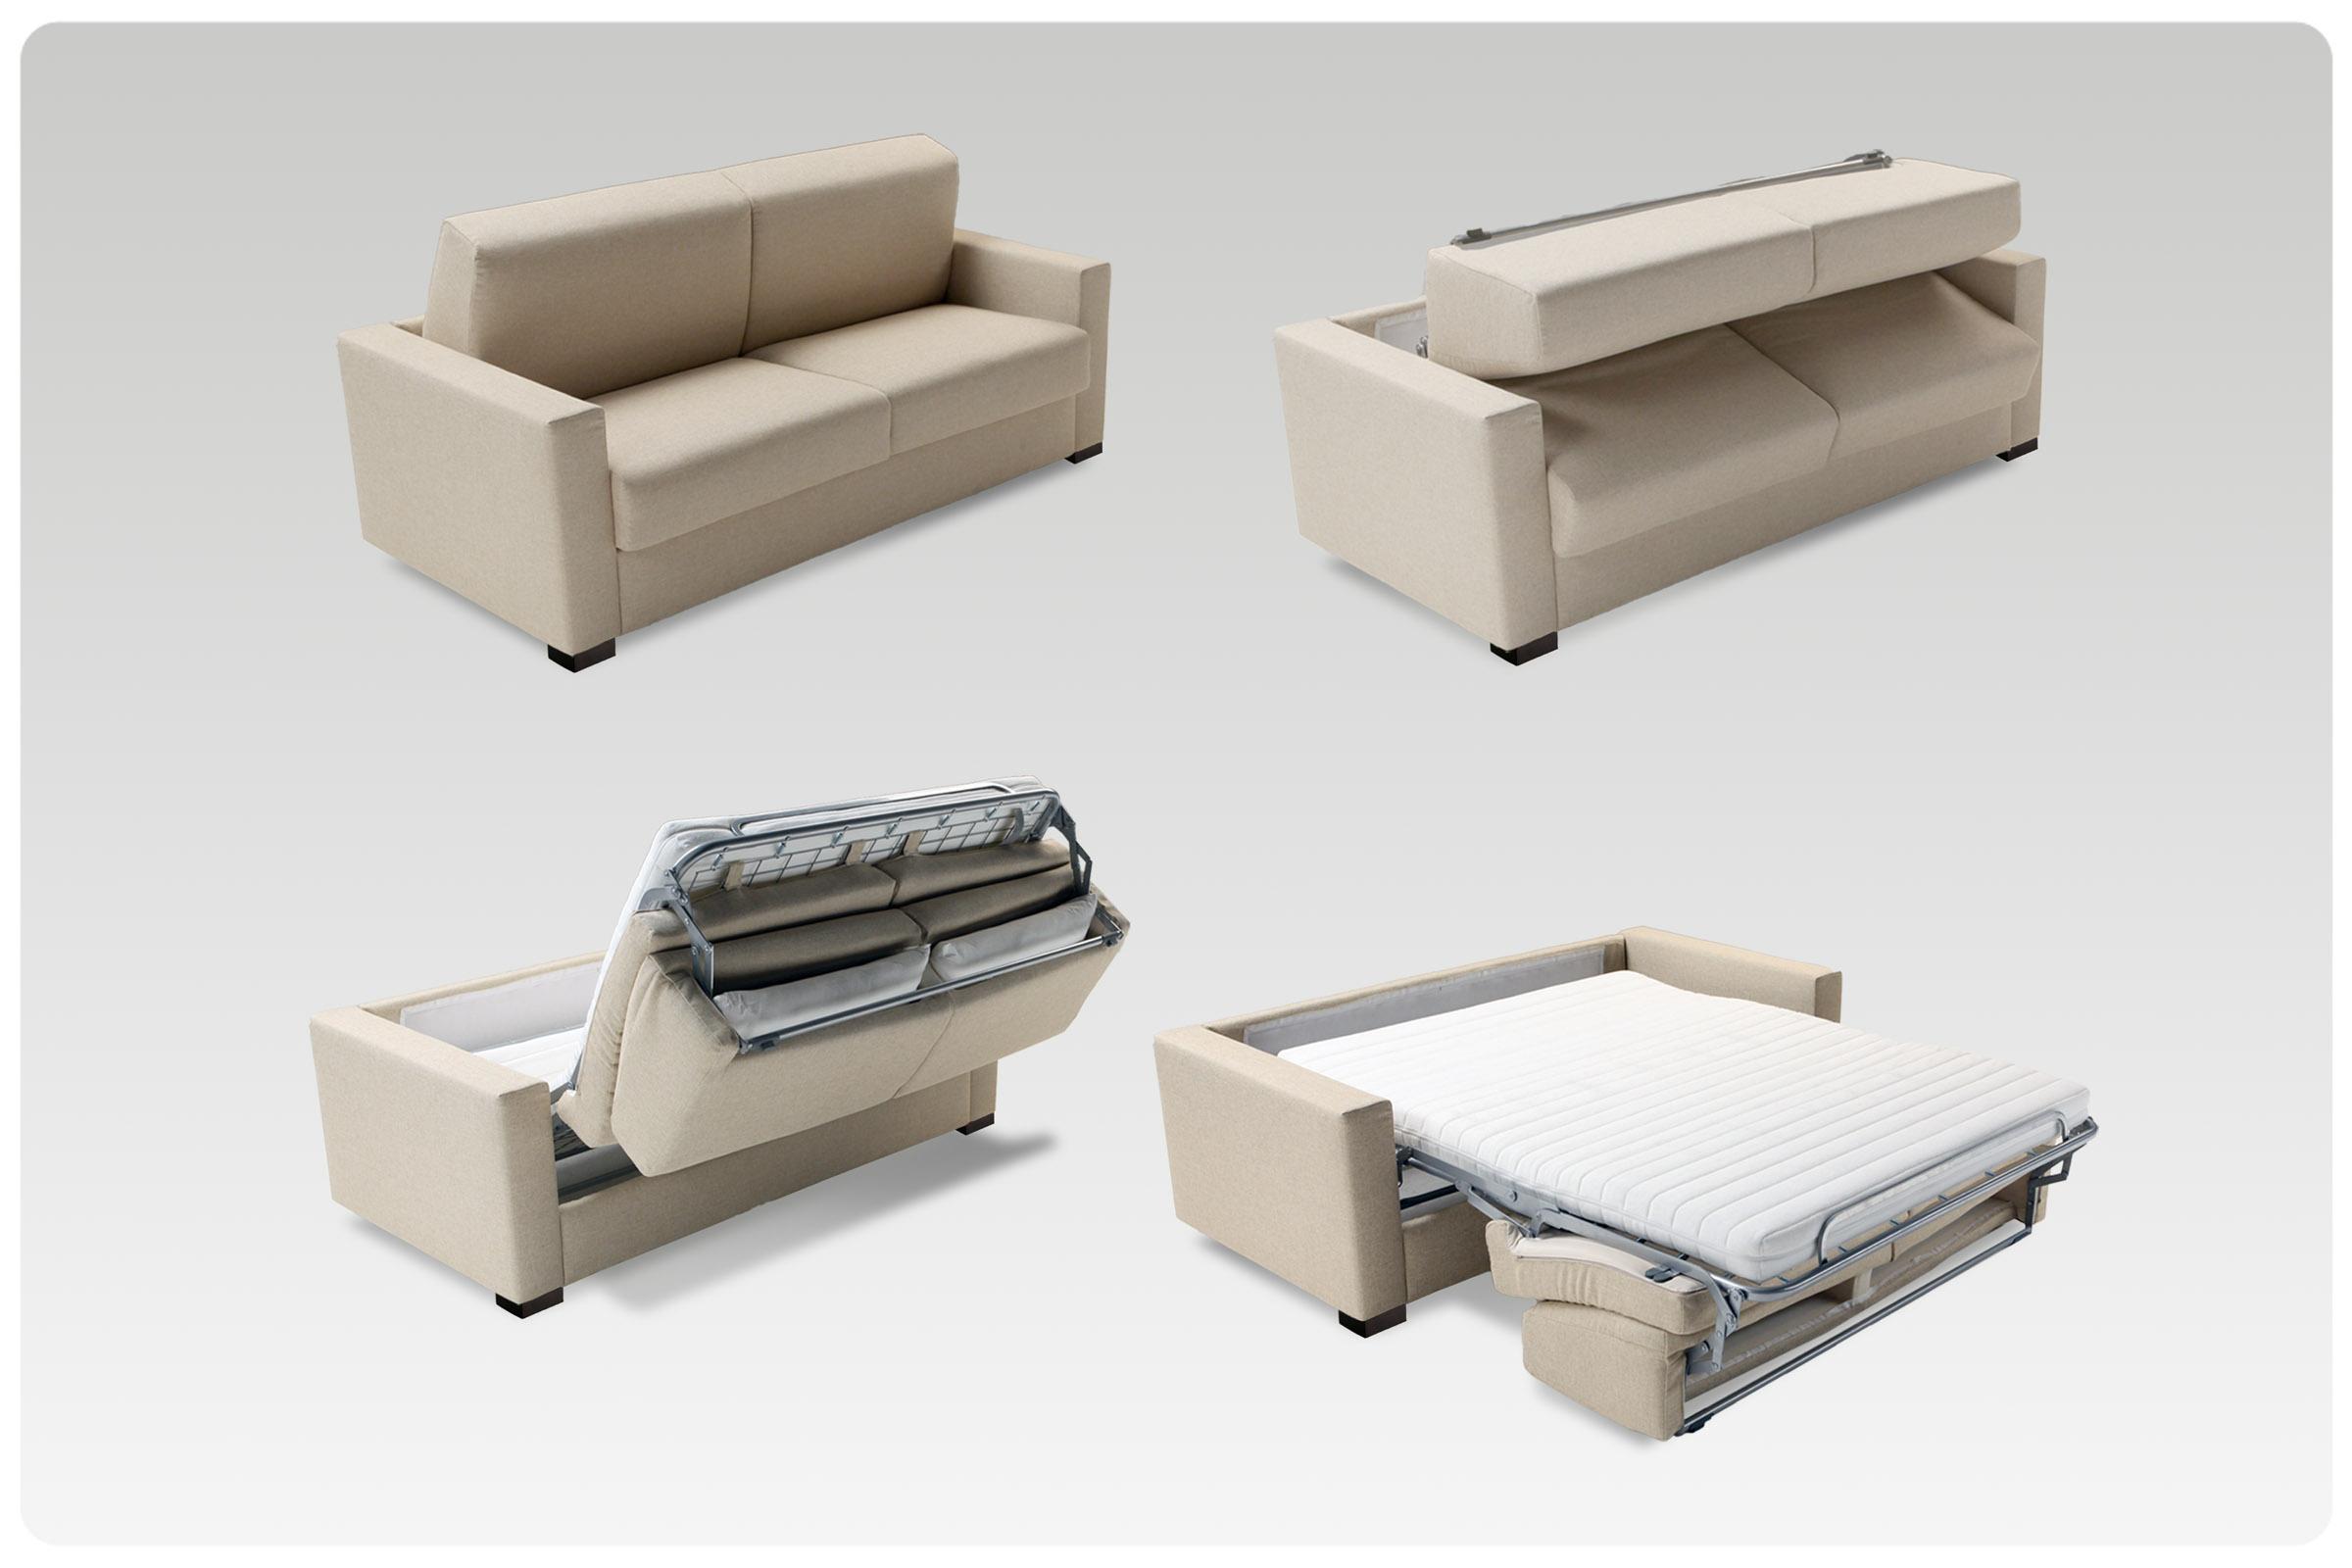 Vendita divani letto milano amazing divani in pelle with vendita